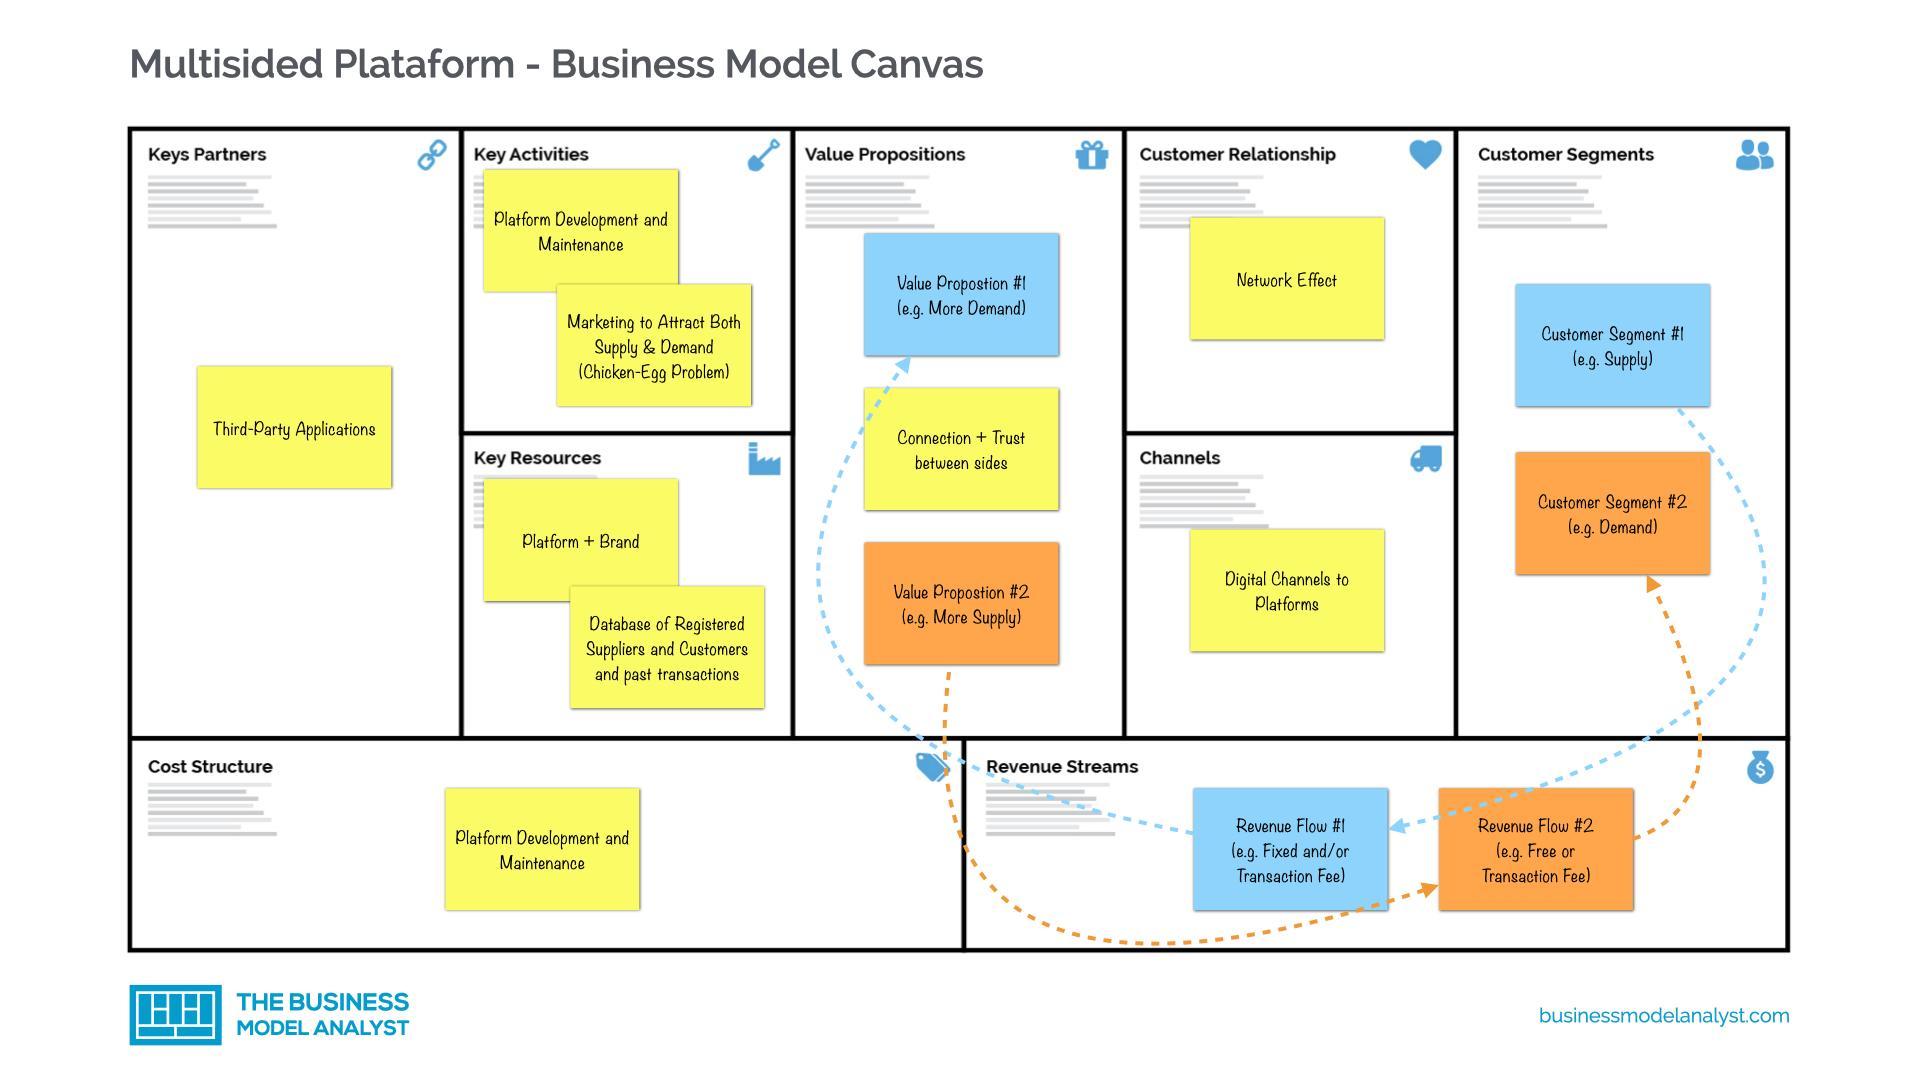 Multisided Platform Business Model